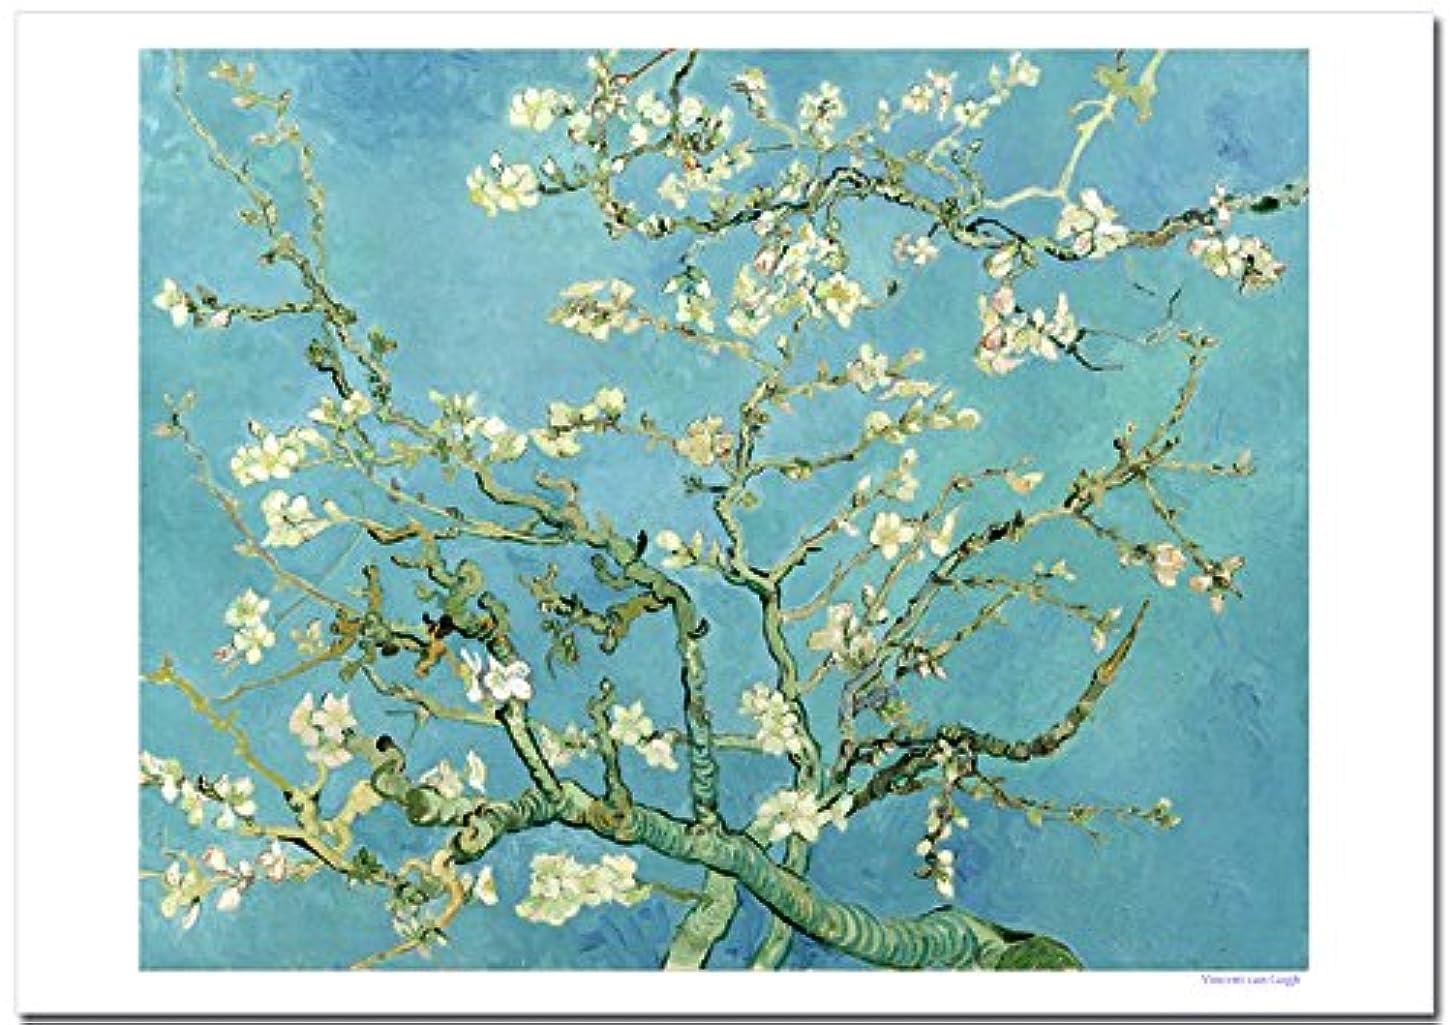 ウィスキー接ぎ木許す世界の名画 ゴッホ 花咲くアーモンドの枝 ジークレー技法 高級ポスター (B3/364ミリ×515ミリ)